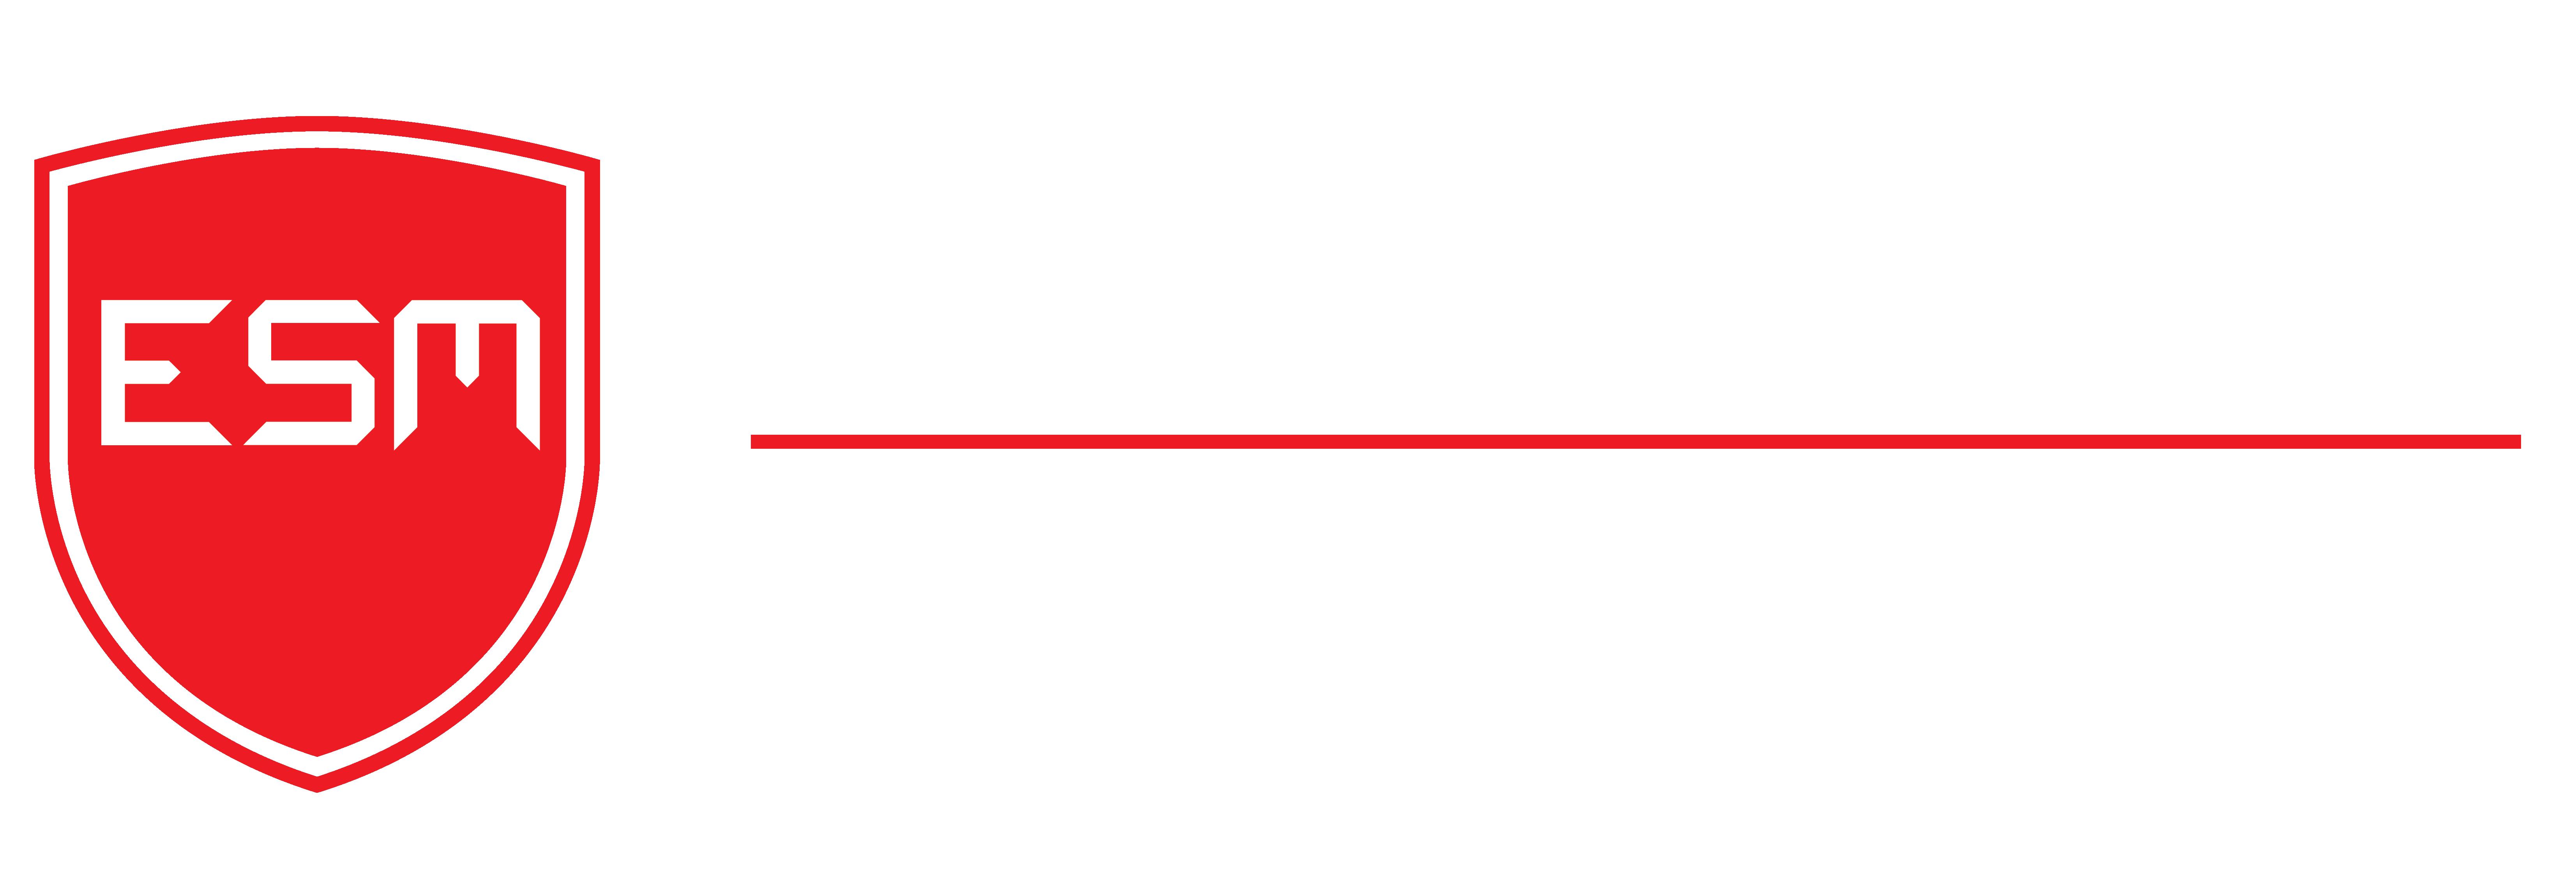 Eastside Motoring Auto Sales